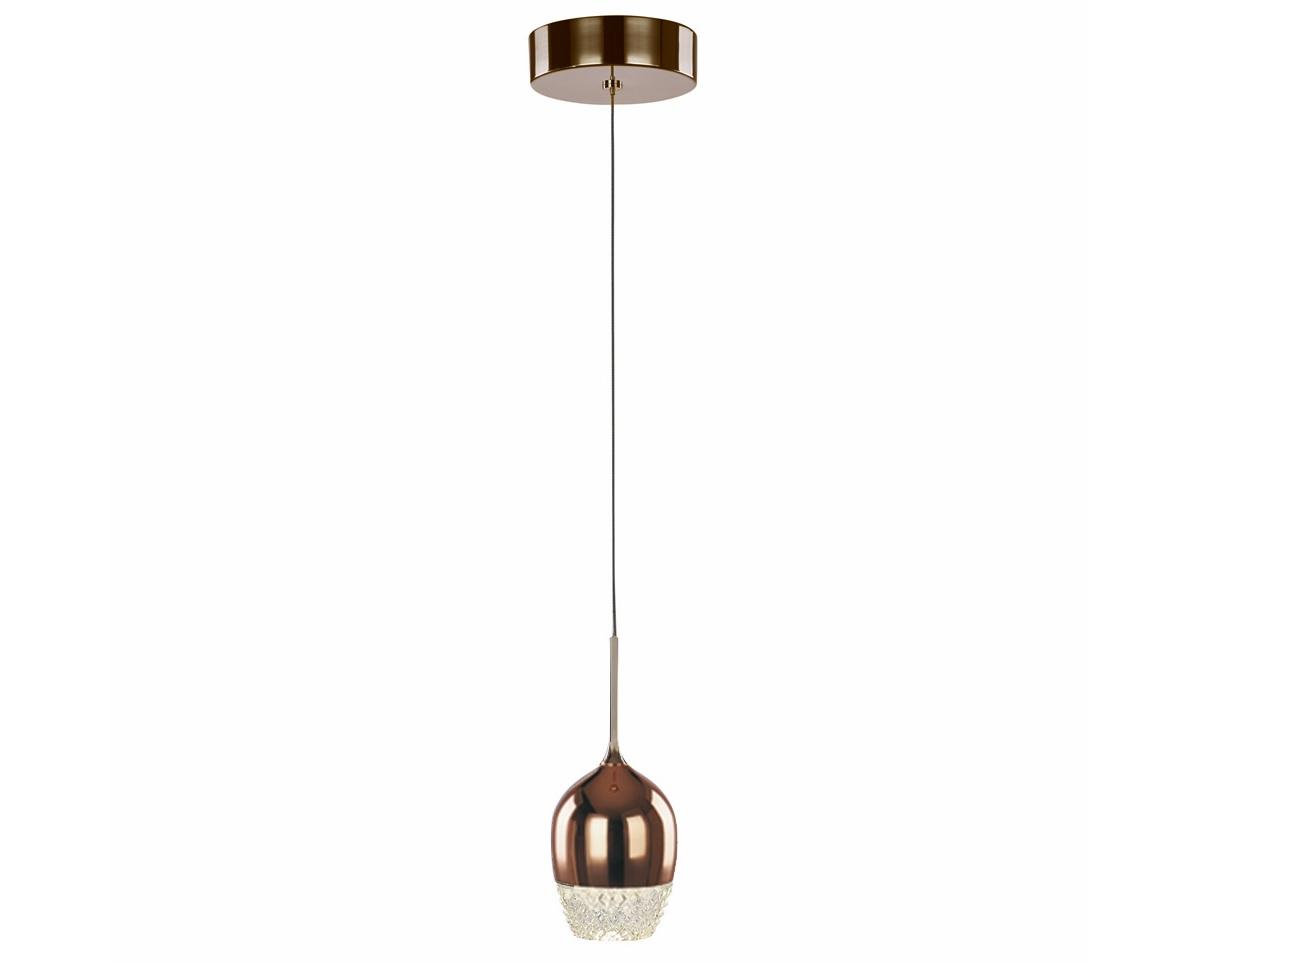 Подвесной светильник CincinПодвесные светильники<br>Подвесной светильник из коллекции Cincin на металлической арматуре цвета розовое золото. Плафон состоит из металла и прозрачного стекла.&amp;lt;div&amp;gt;&amp;lt;br&amp;gt;&amp;lt;/div&amp;gt;&amp;lt;div&amp;gt;Высота светильника регулируется.&amp;lt;/div&amp;gt;&amp;lt;div&amp;gt;&amp;lt;br&amp;gt;&amp;lt;/div&amp;gt;&amp;lt;div&amp;gt;&amp;lt;div&amp;gt;&amp;lt;div&amp;gt;Вид цоколя: LED&amp;lt;/div&amp;gt;&amp;lt;div&amp;gt;Мощность лампы: 3,6W&amp;lt;/div&amp;gt;&amp;lt;div&amp;gt;Количество ламп: 1&amp;lt;/div&amp;gt;&amp;lt;/div&amp;gt;&amp;lt;/div&amp;gt;<br><br>Material: Металл<br>Height см: 150<br>Diameter см: 12